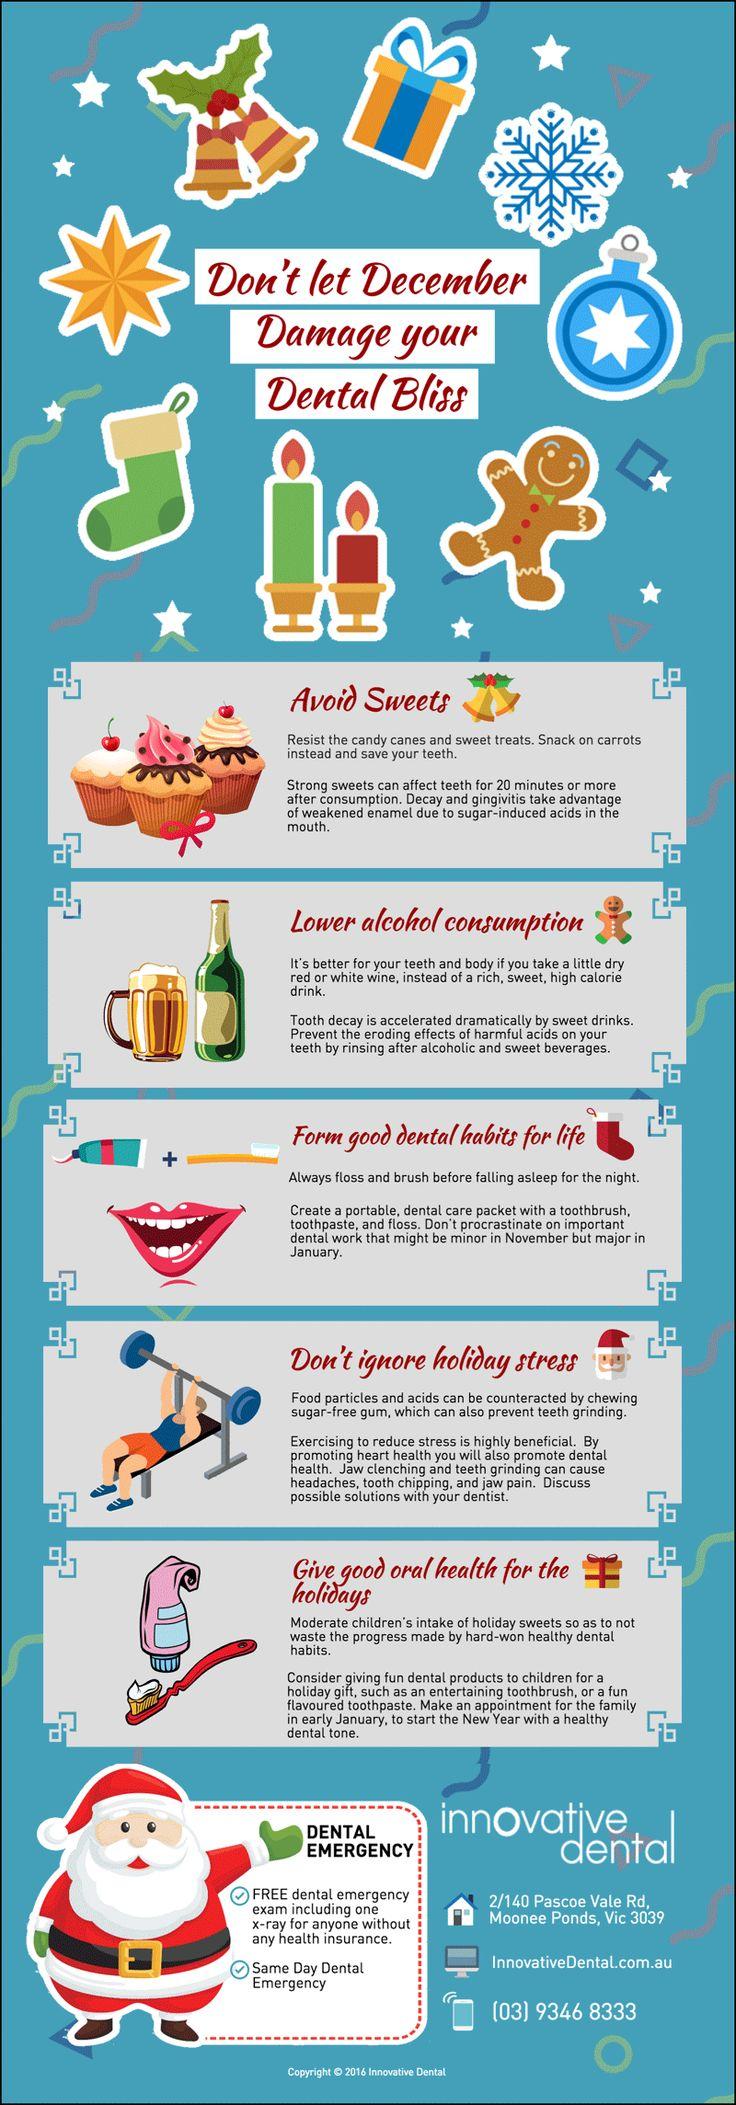 Don't let December Damage your Dental Bliss innovativedental.com.au